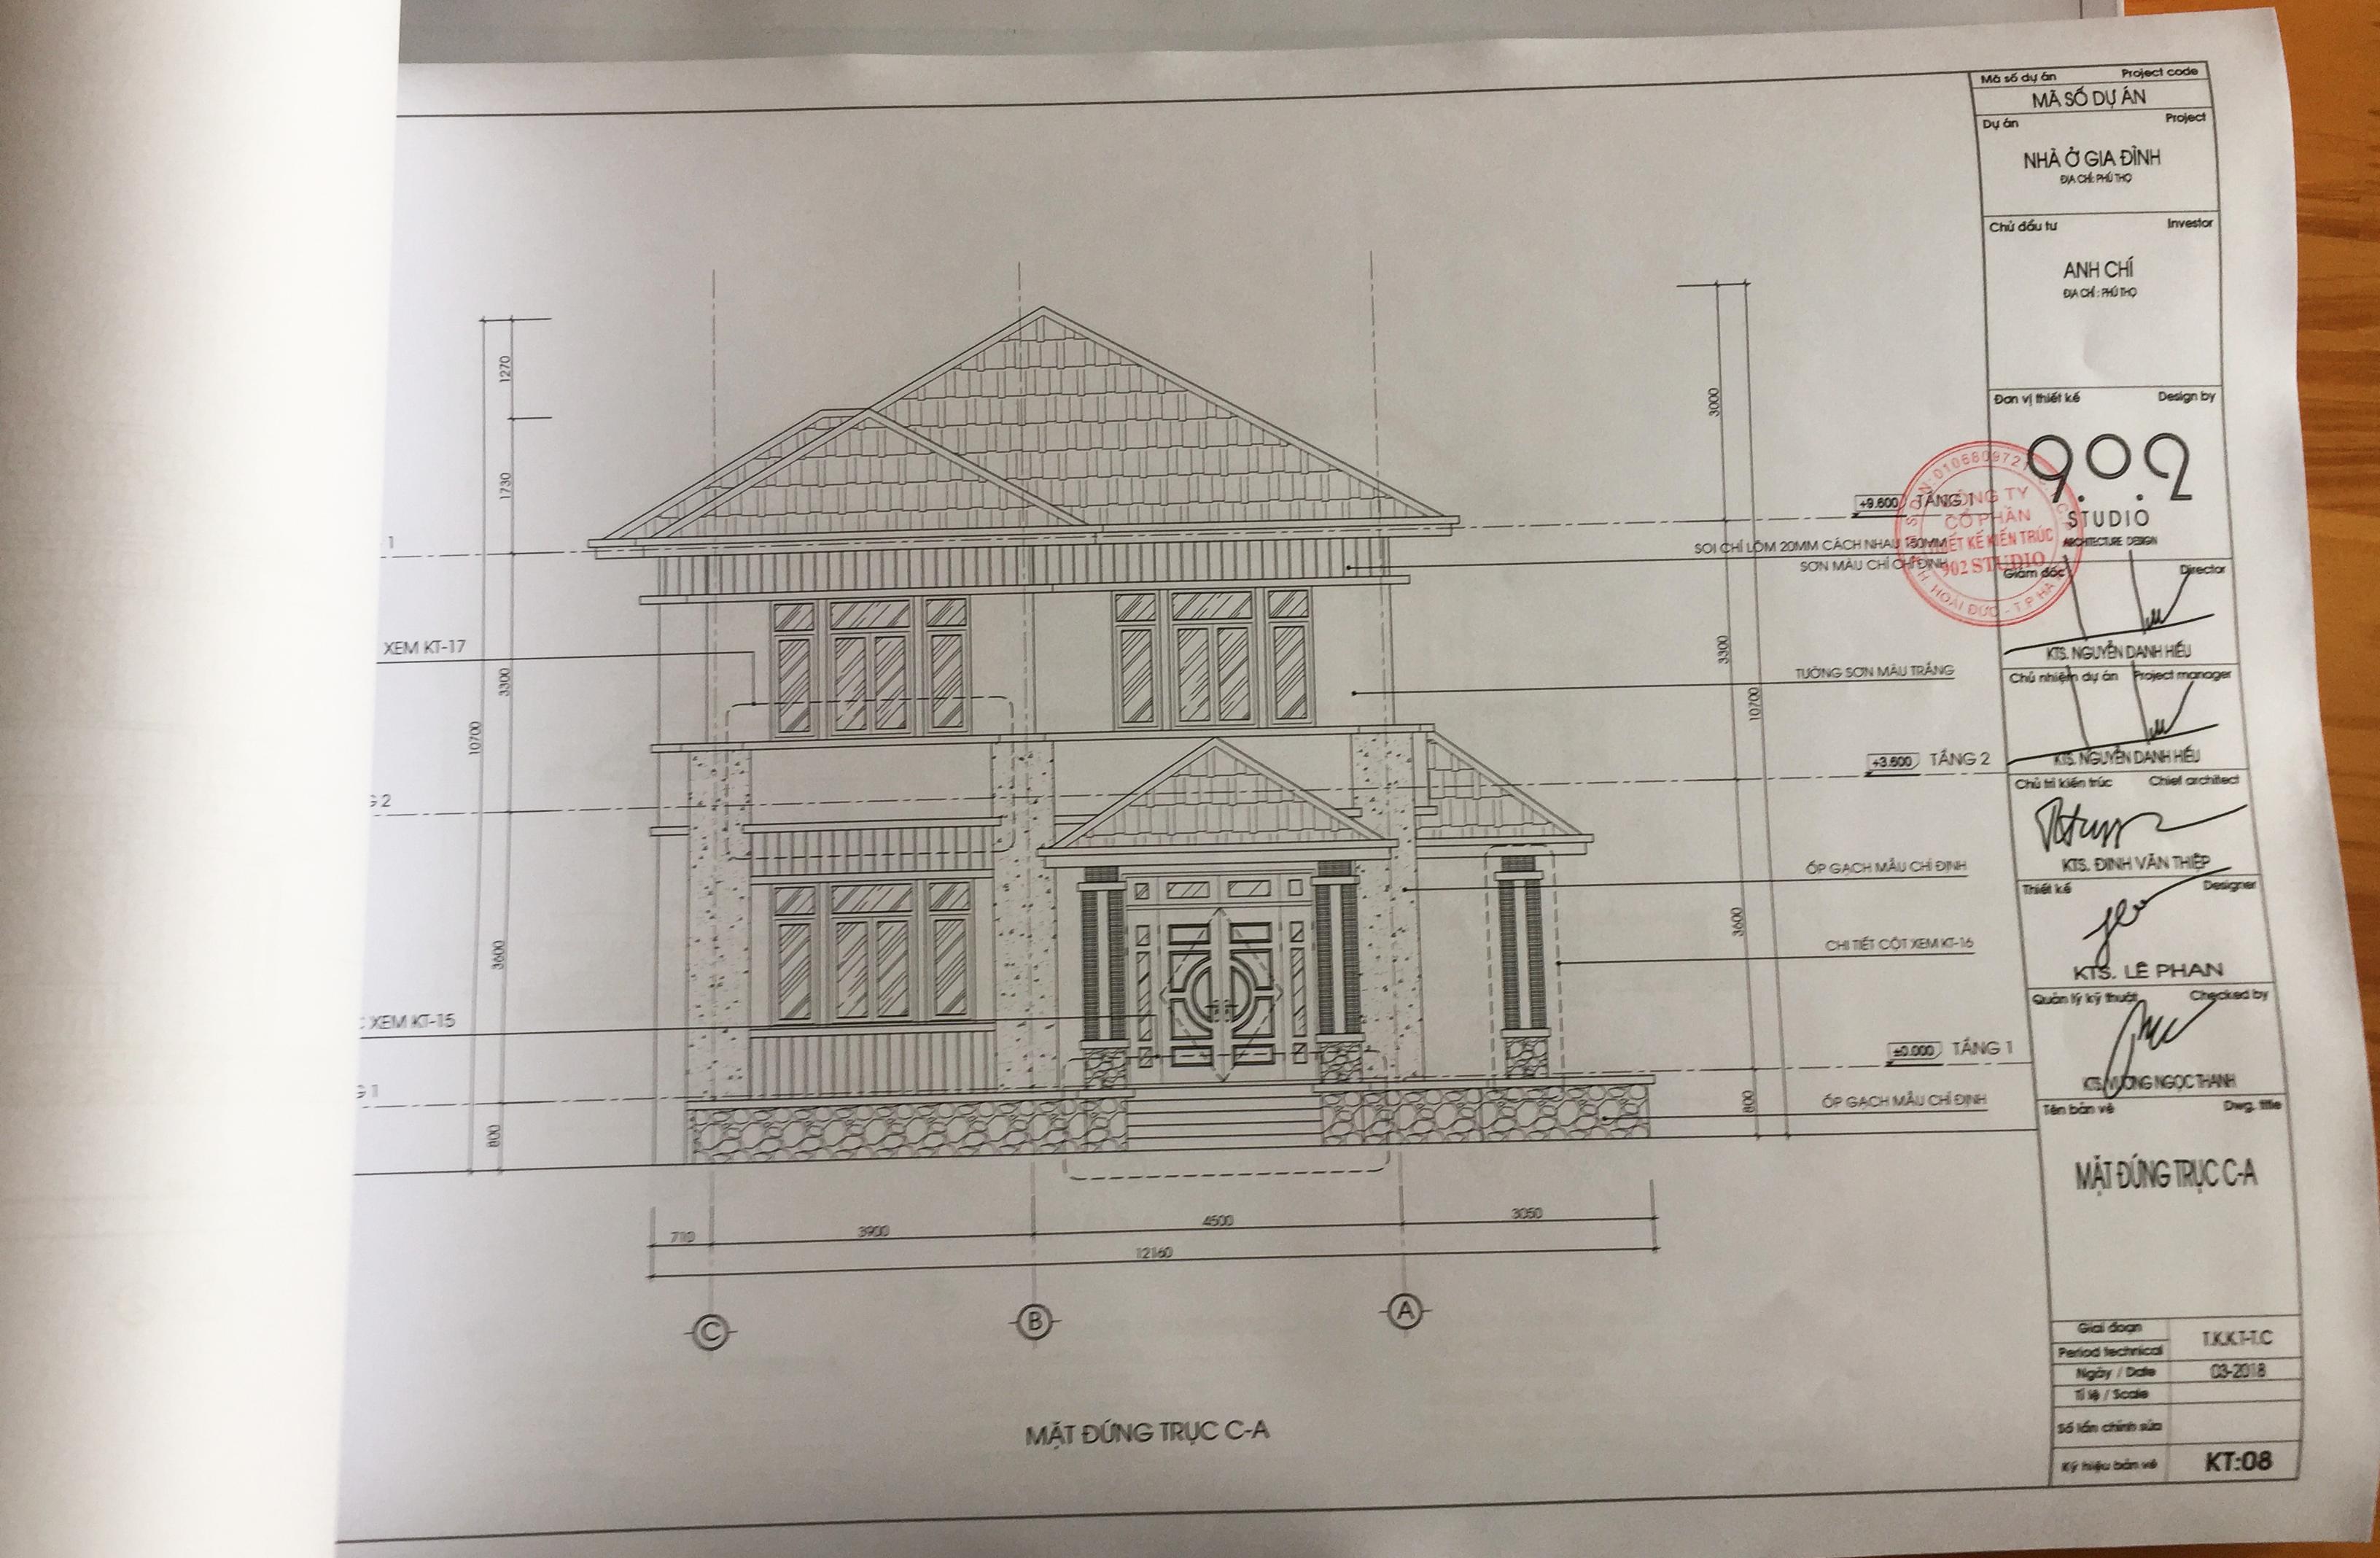 Hồ sơ thiết kế nhà đẹp